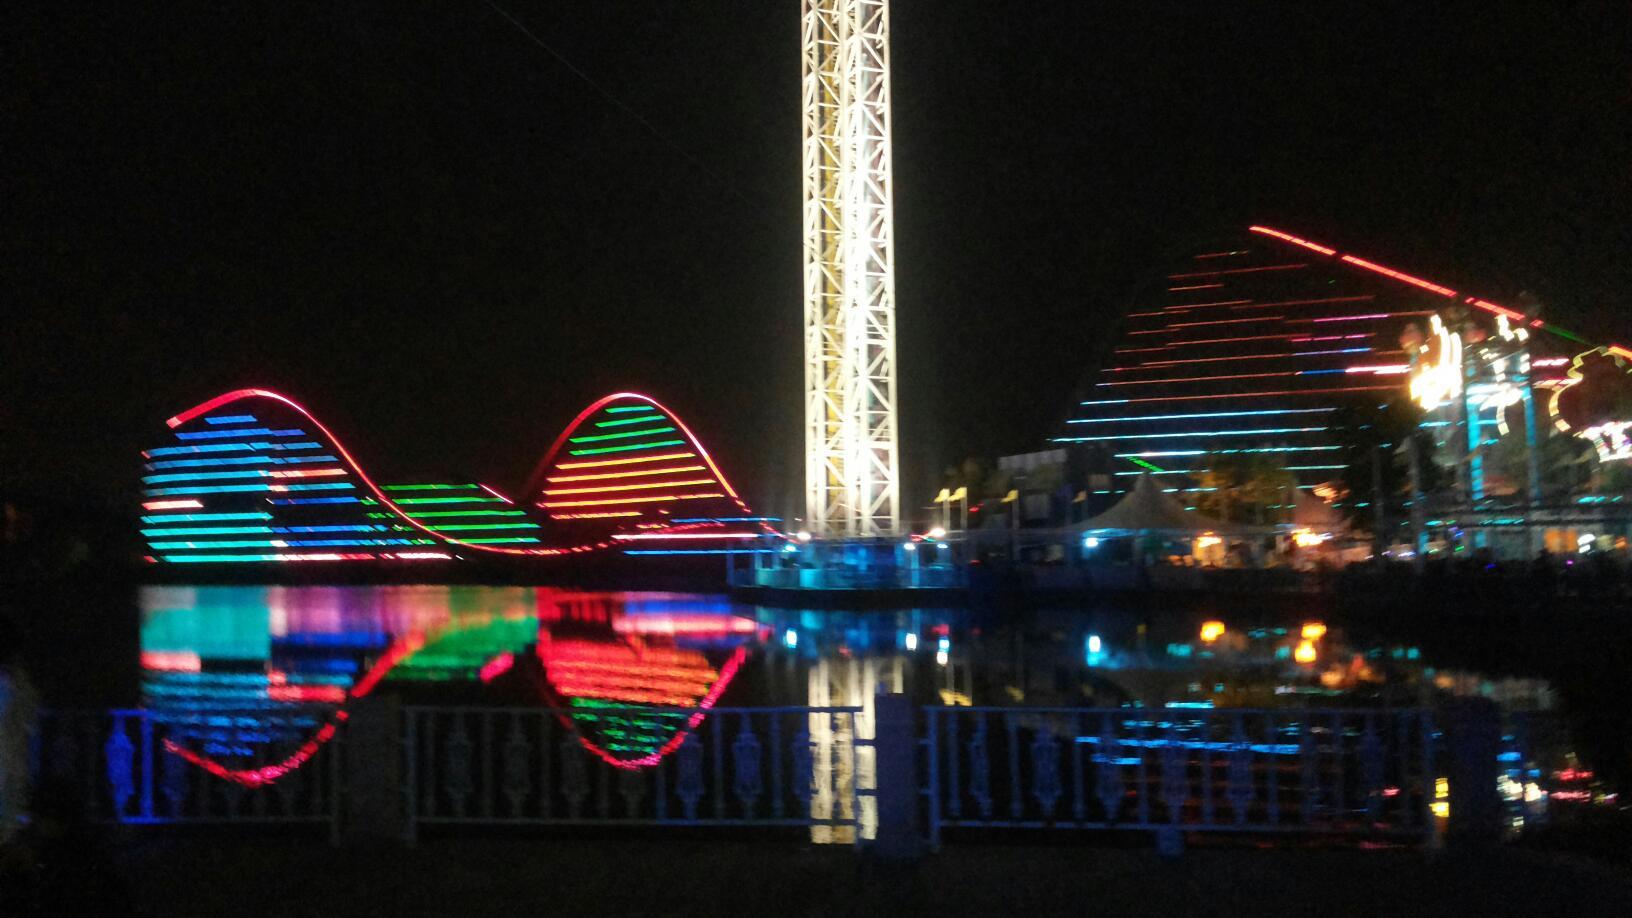 2014上海欢乐谷夜场_上海欢乐谷夜场项目-2015上海欢乐谷夜场几点到几点,有什么项目 ...